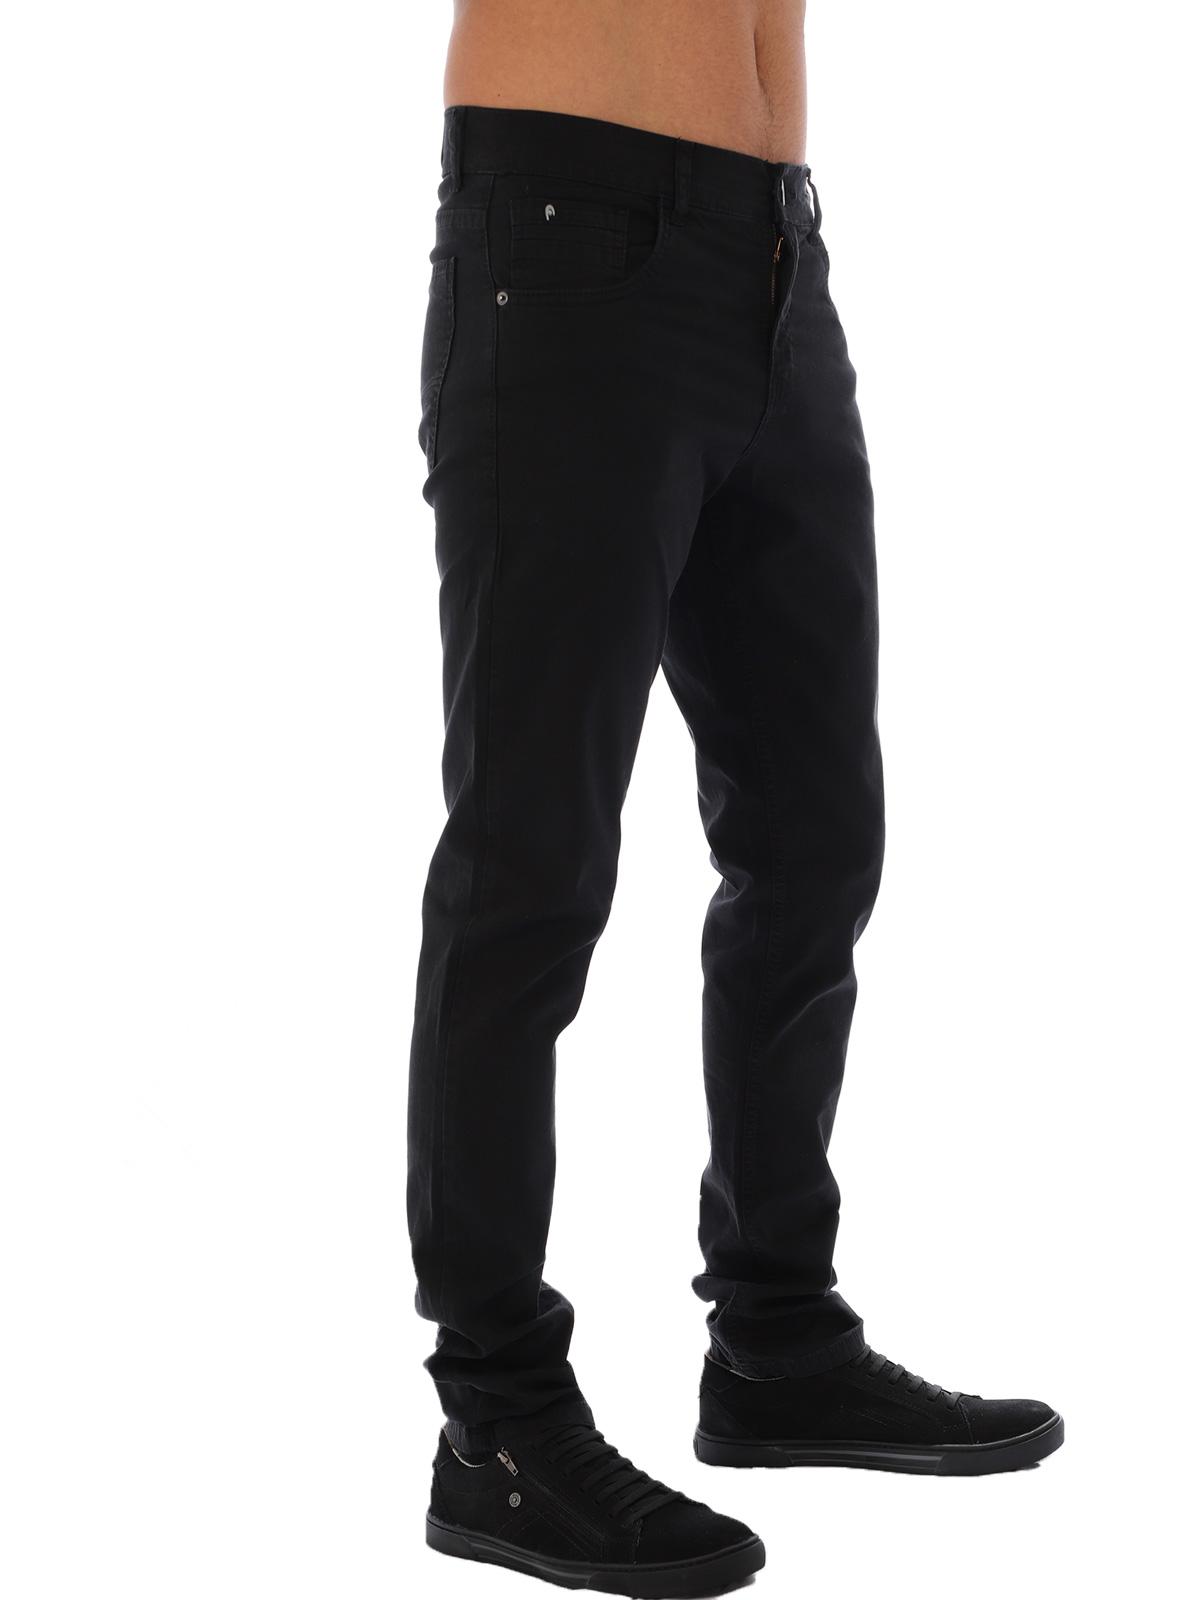 Calça Masculina de Sarja com Elastano Anistia Preta